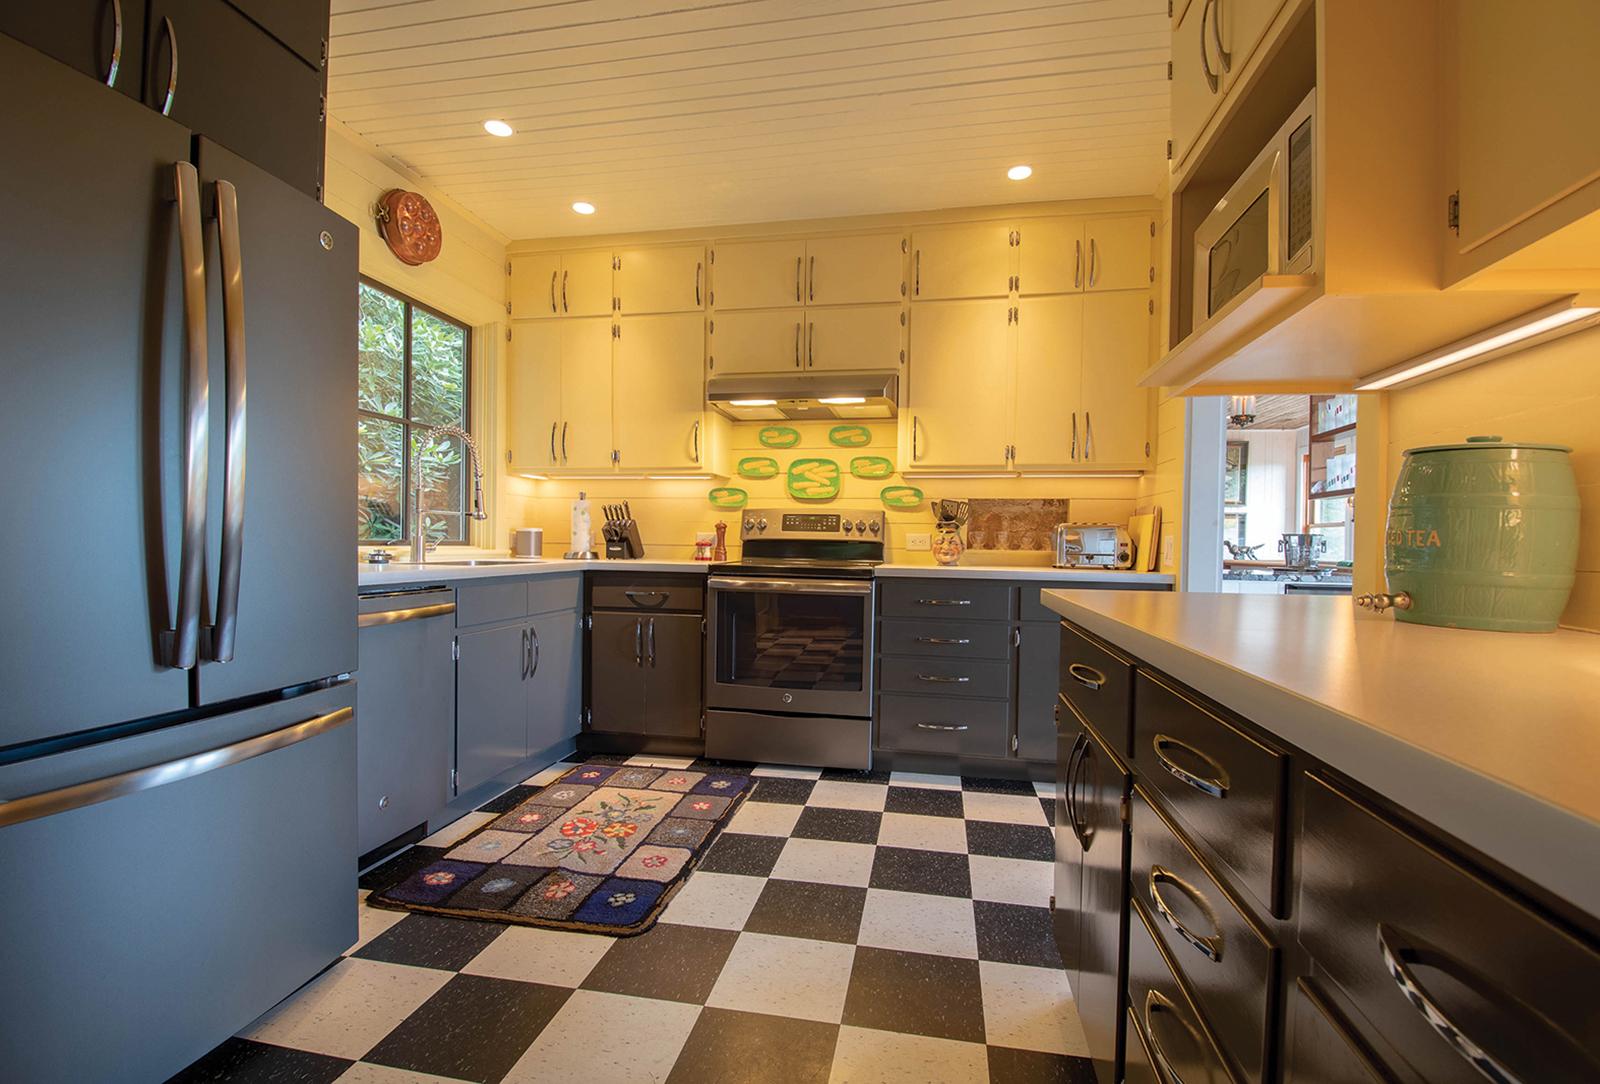 highlands nc homes for sale kitchen